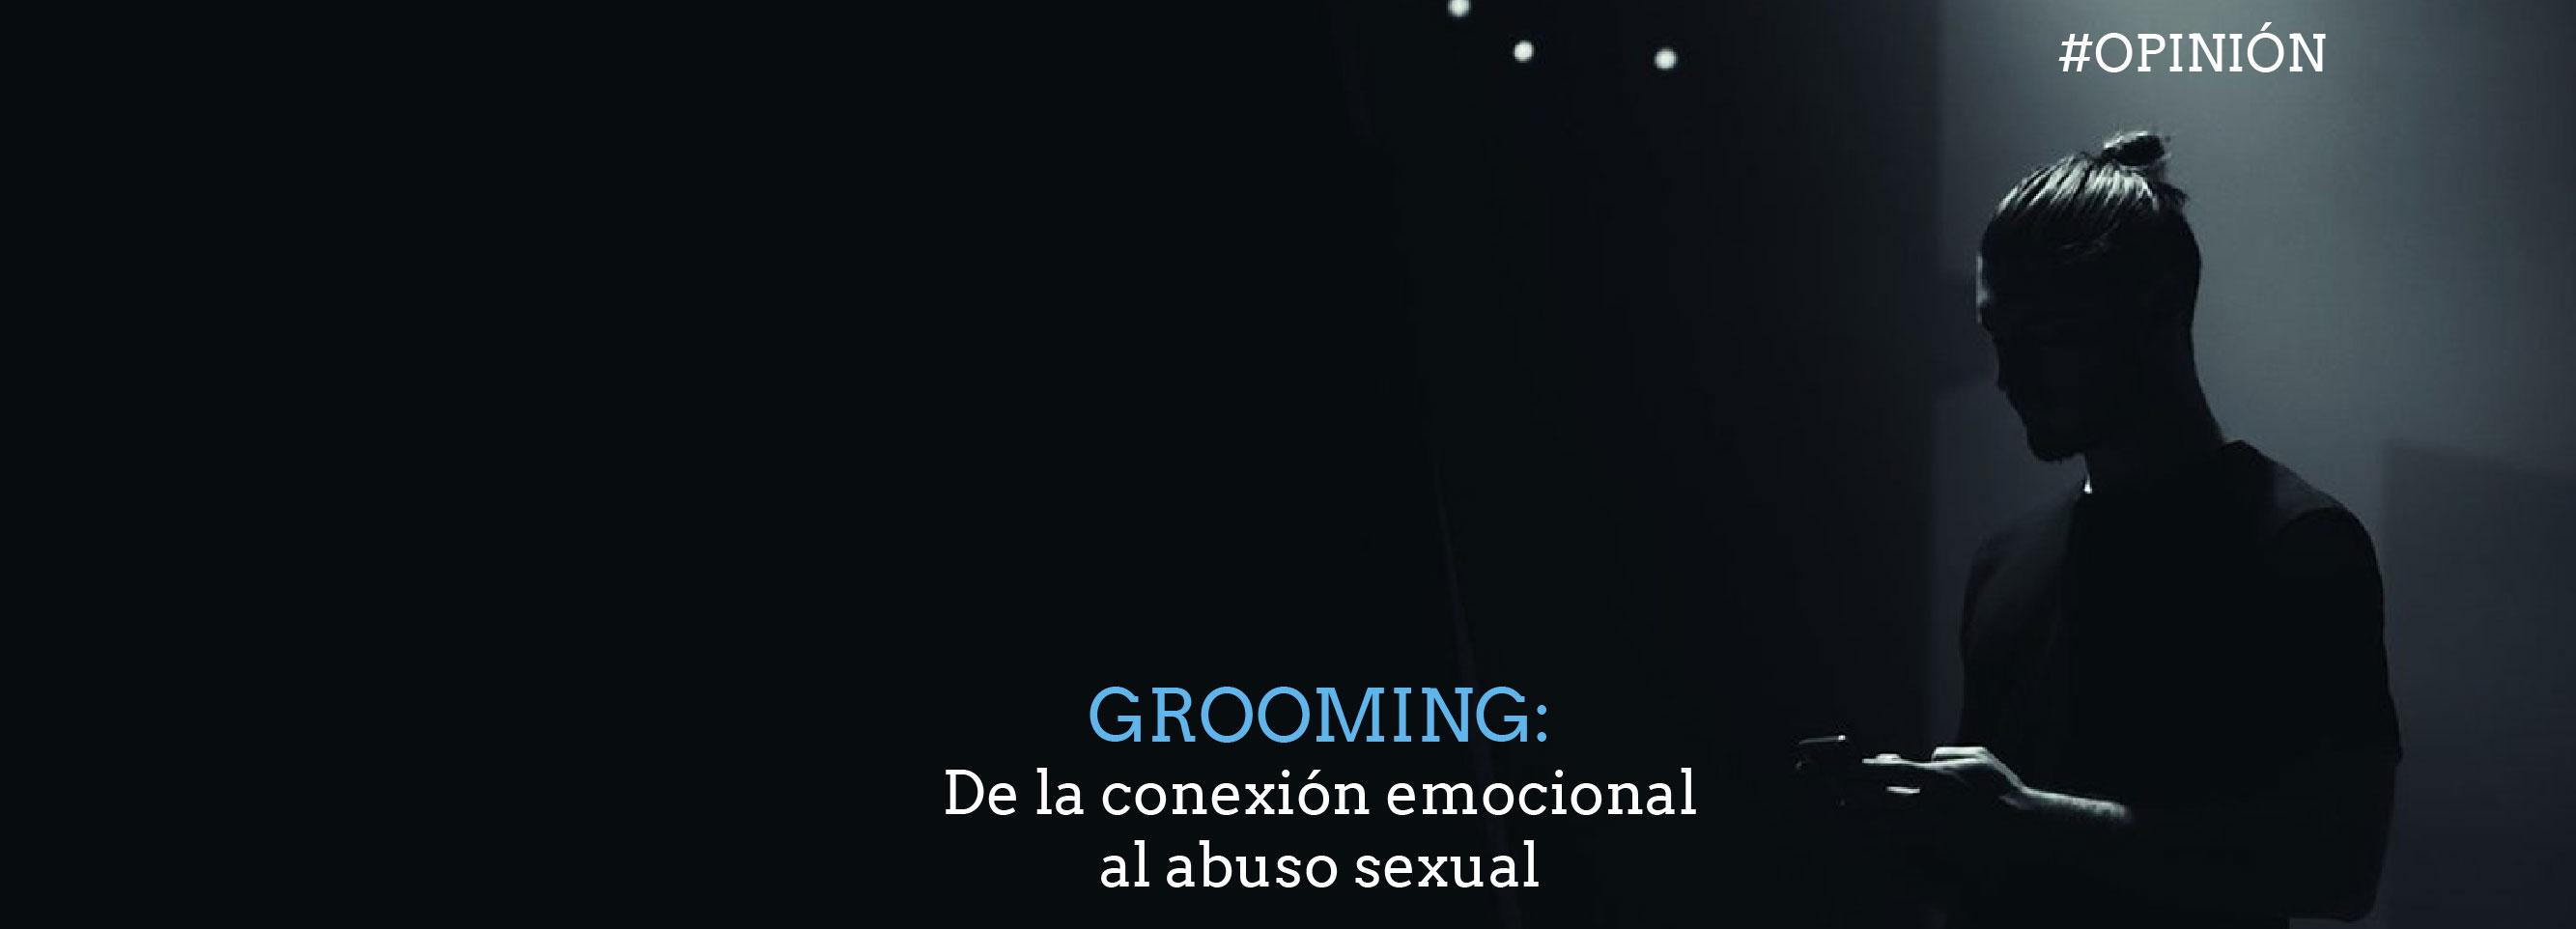 Grooming: De la conexión emocional al abuso sexual